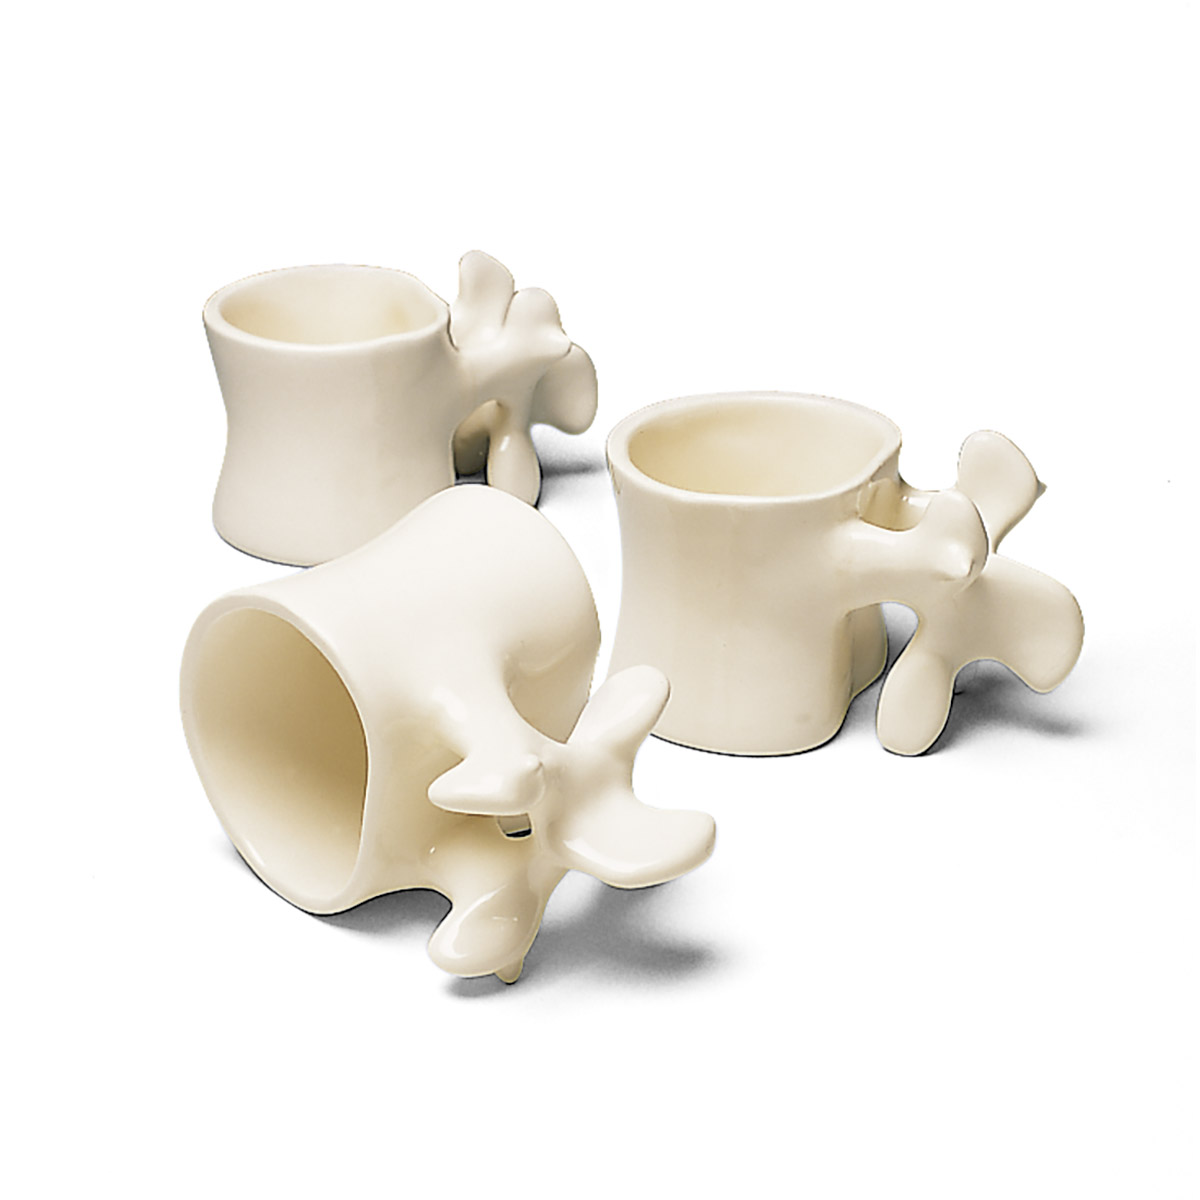 tasse avec anse en forme de vert bre 1005467 w40048 tasses et cuisine 3b scientific. Black Bedroom Furniture Sets. Home Design Ideas